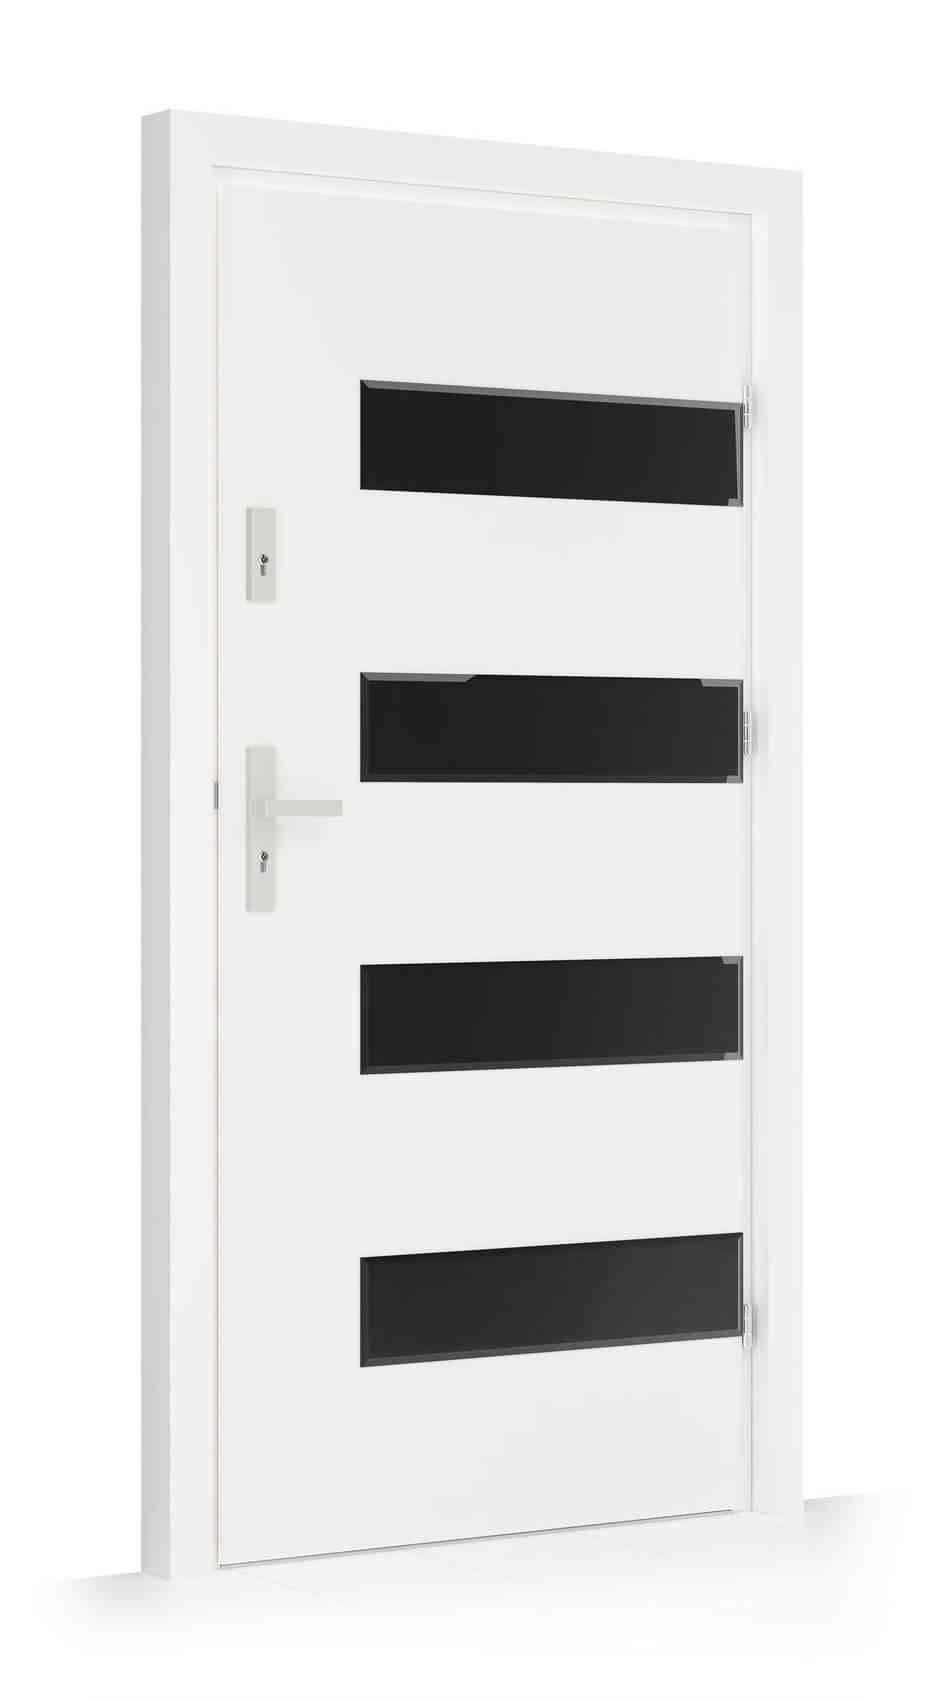 bezpieczne drzwi antywłamaniowe